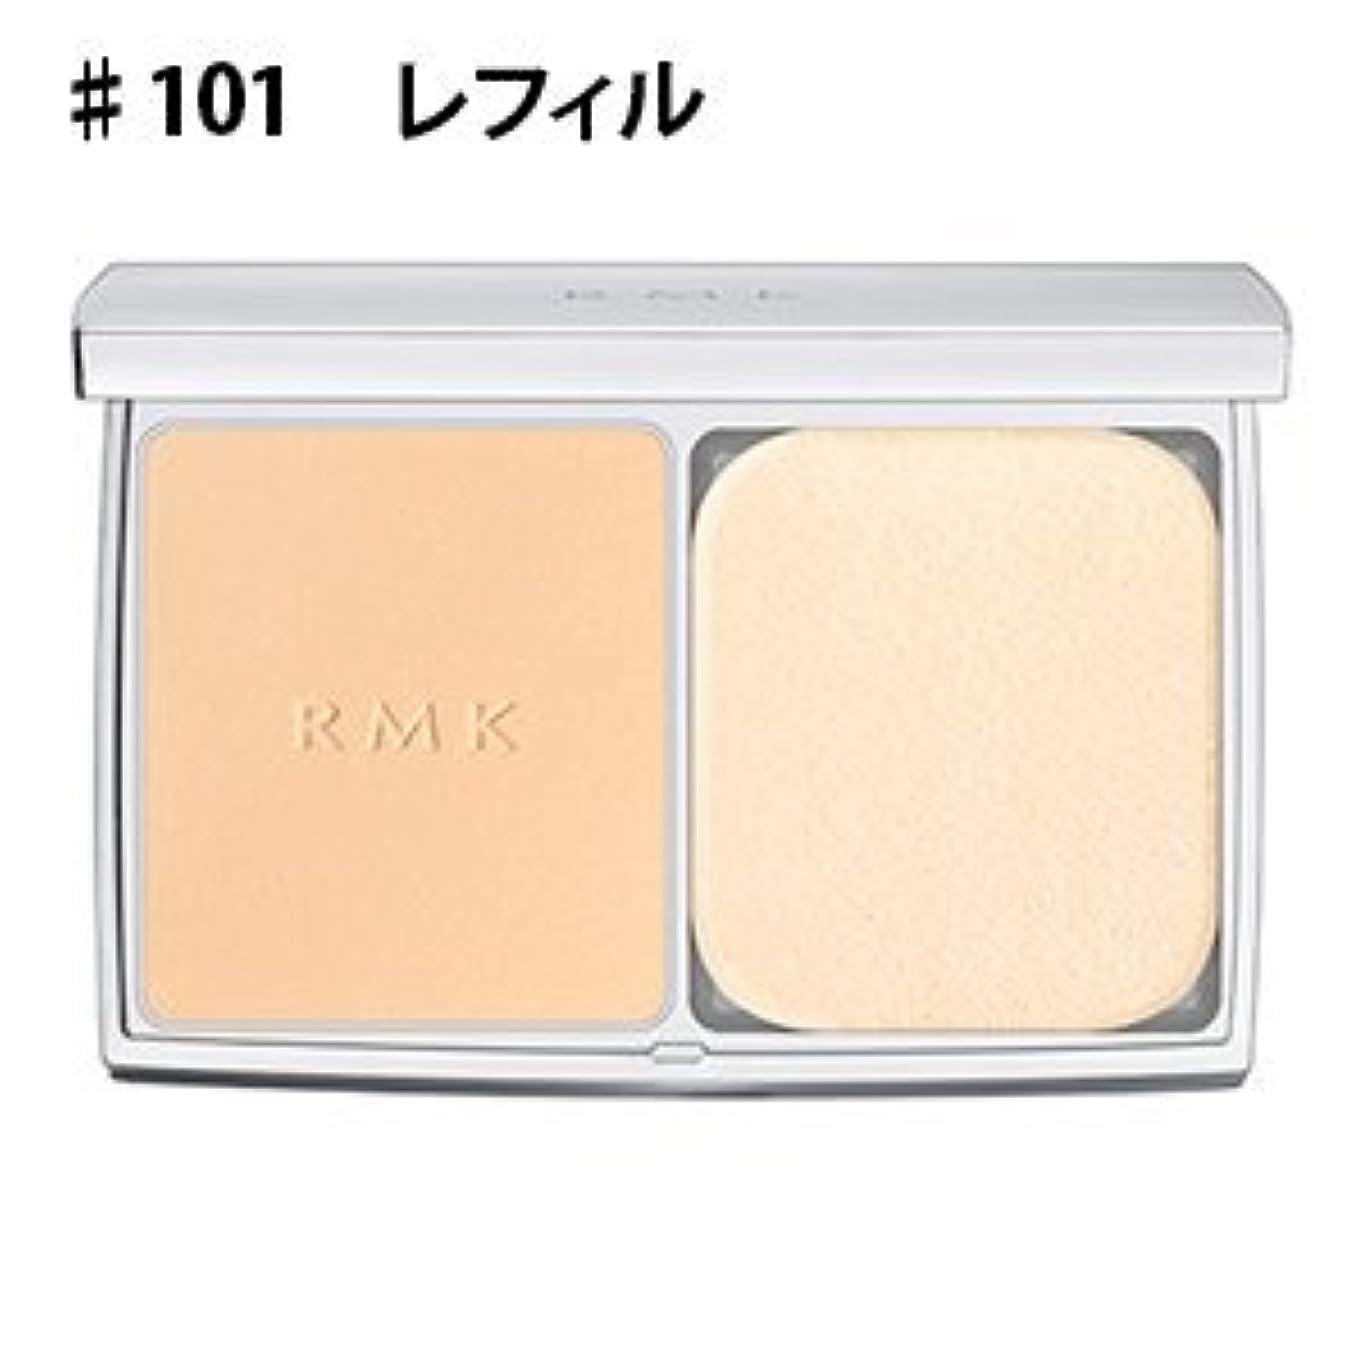 バッグアーチ作業【RMK ファンデーション】RMK UV ファンデーション レフィル #101 【並行輸入品】